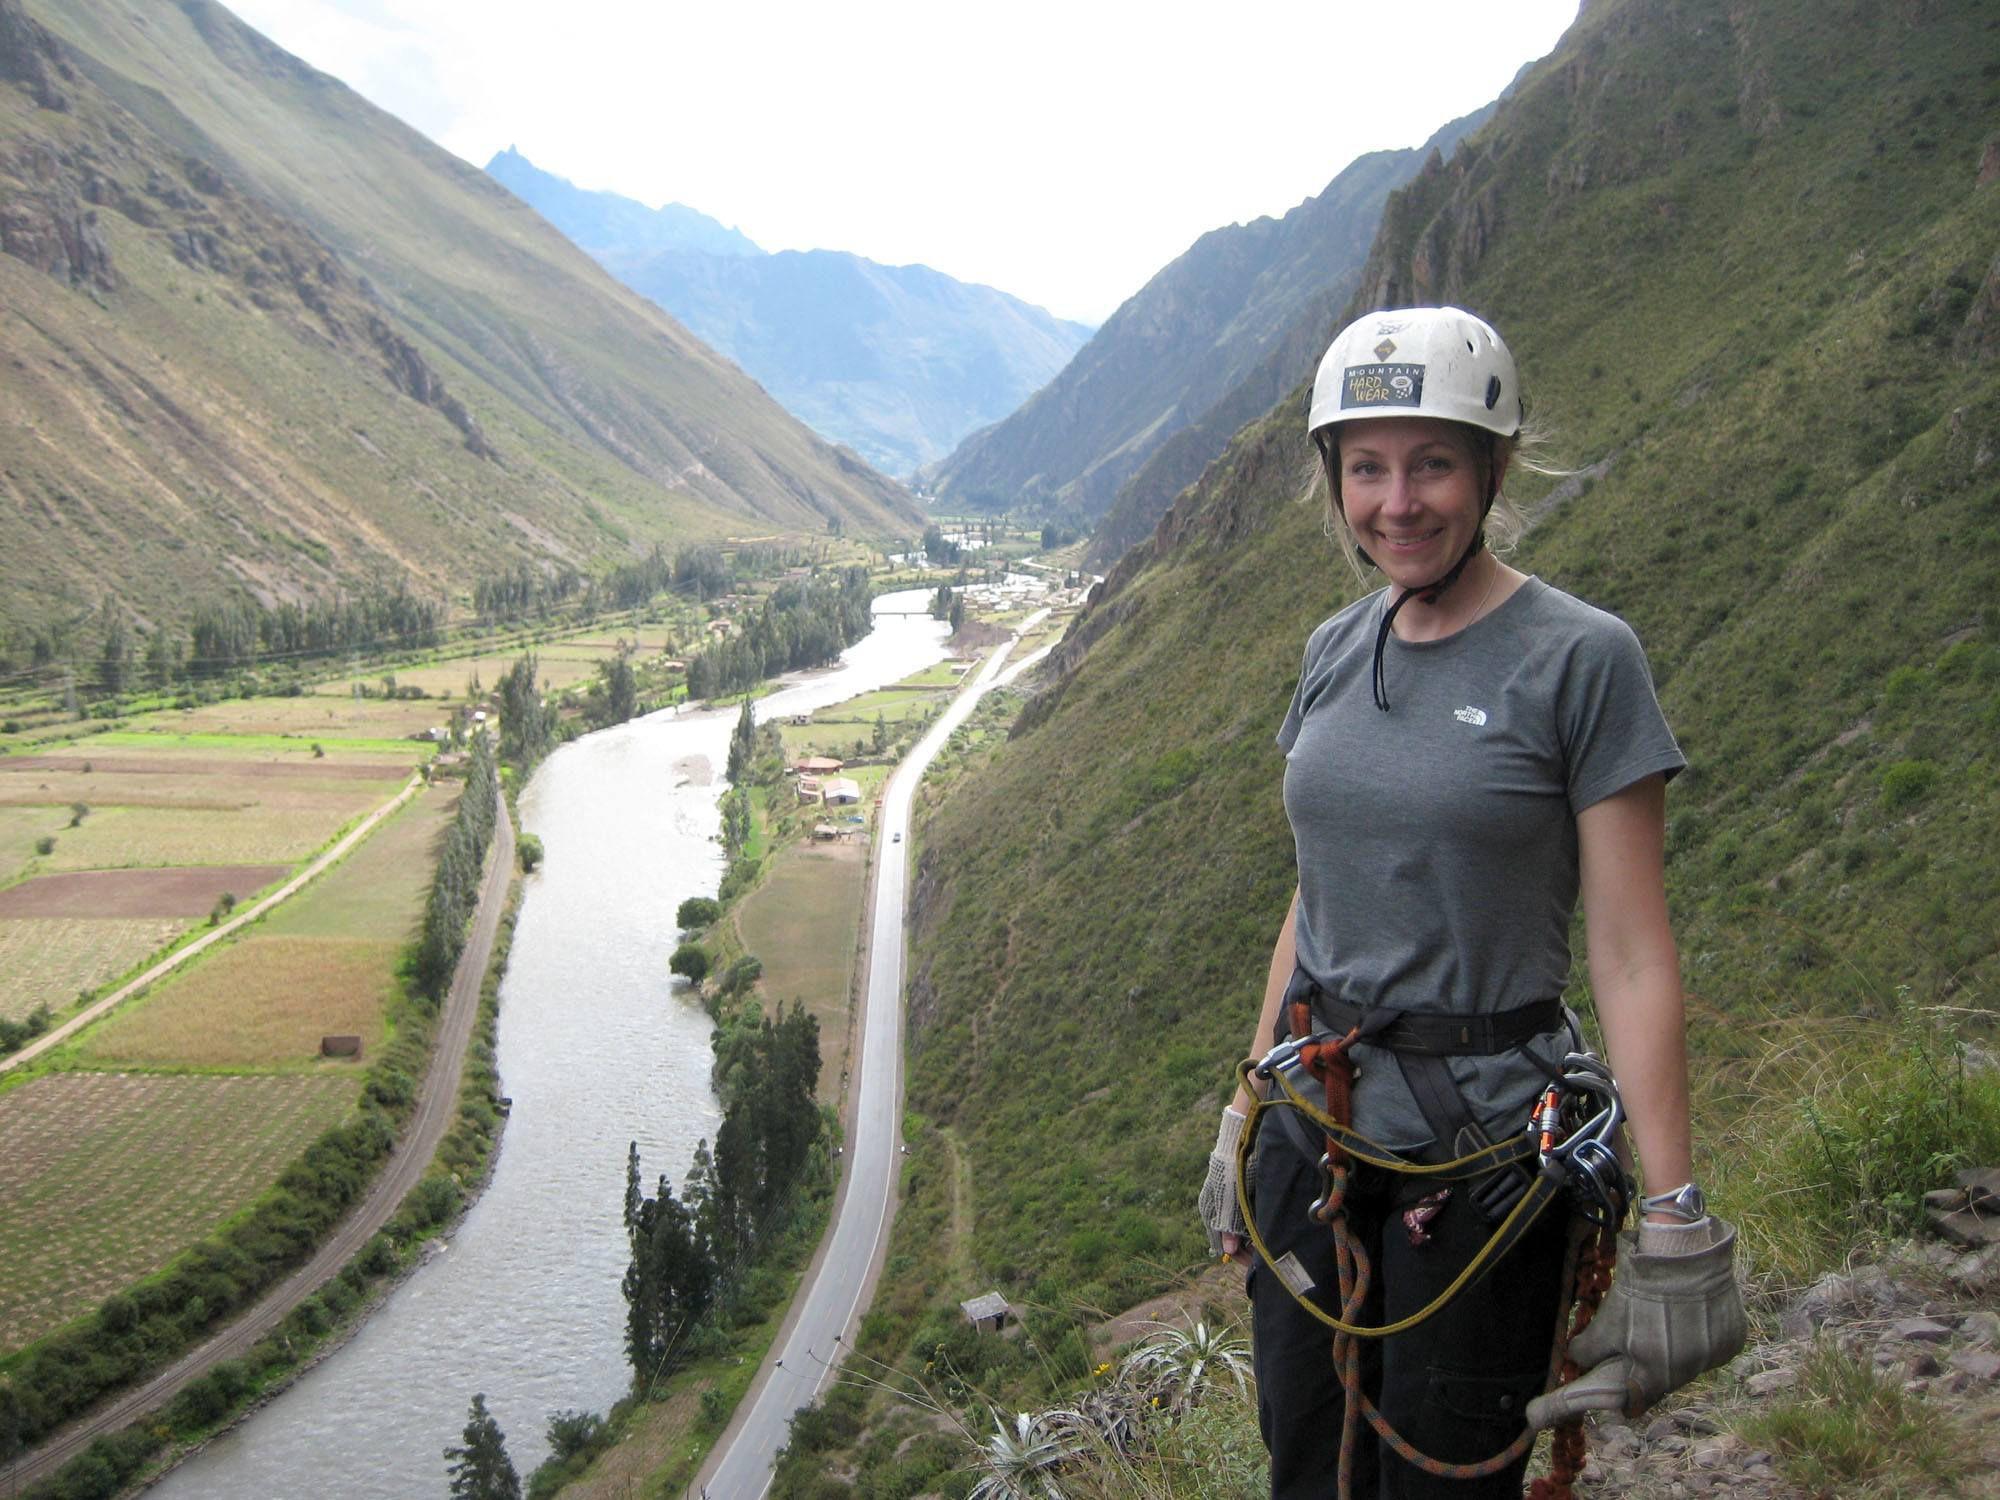 Julie in Peru